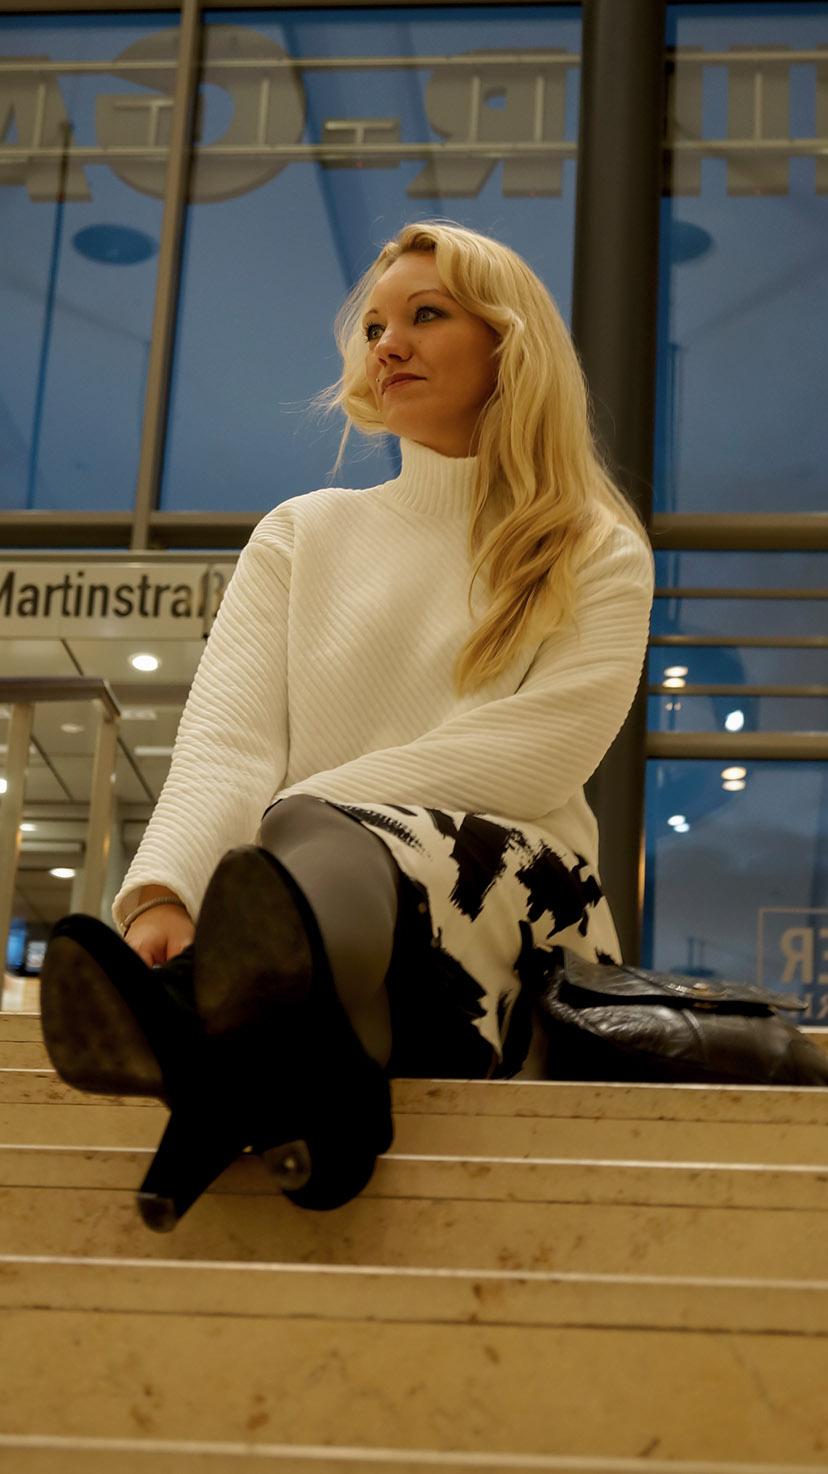 Vorweihnachtszeit | Wenn der Stress Überhand nimmt | hot-port.de | Lifestyle Blog